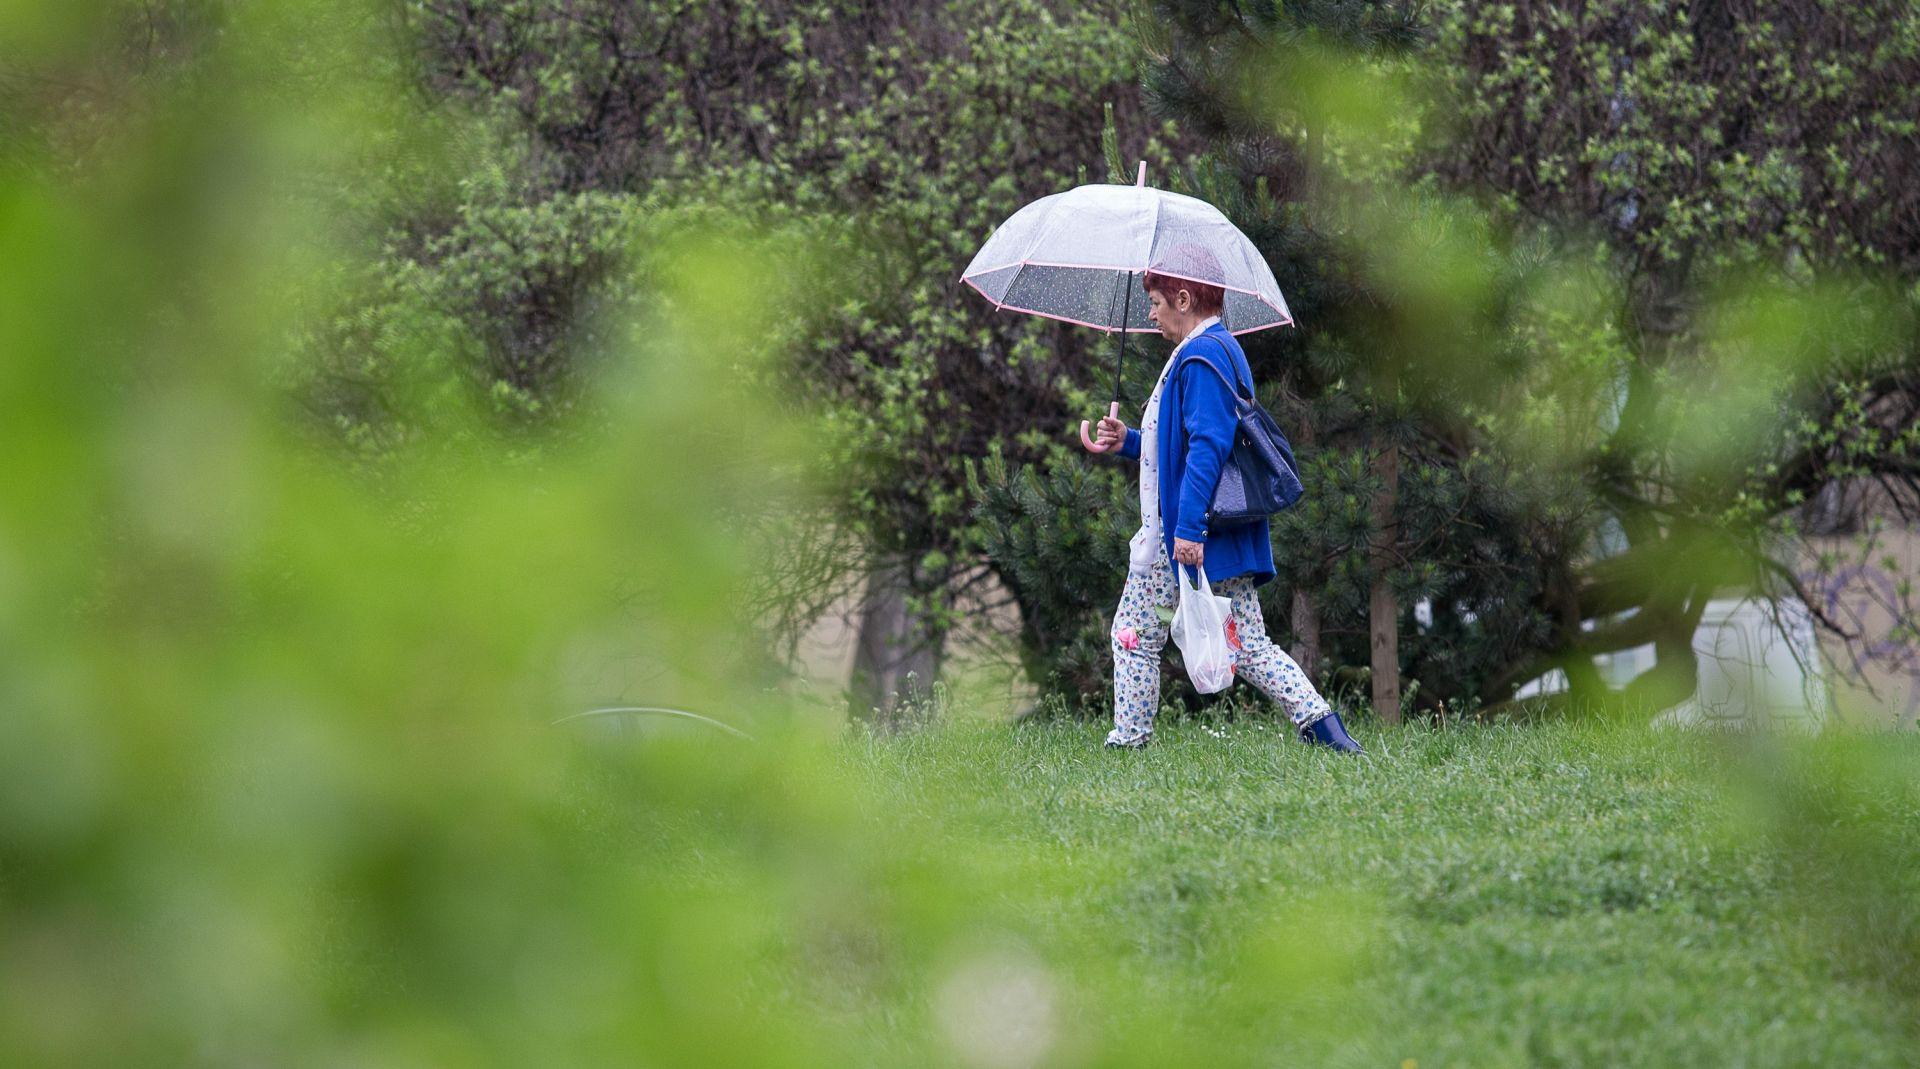 Kiša, pljuskovi s grmljavinom i vjetar – poslijepodne smirivanje vremena